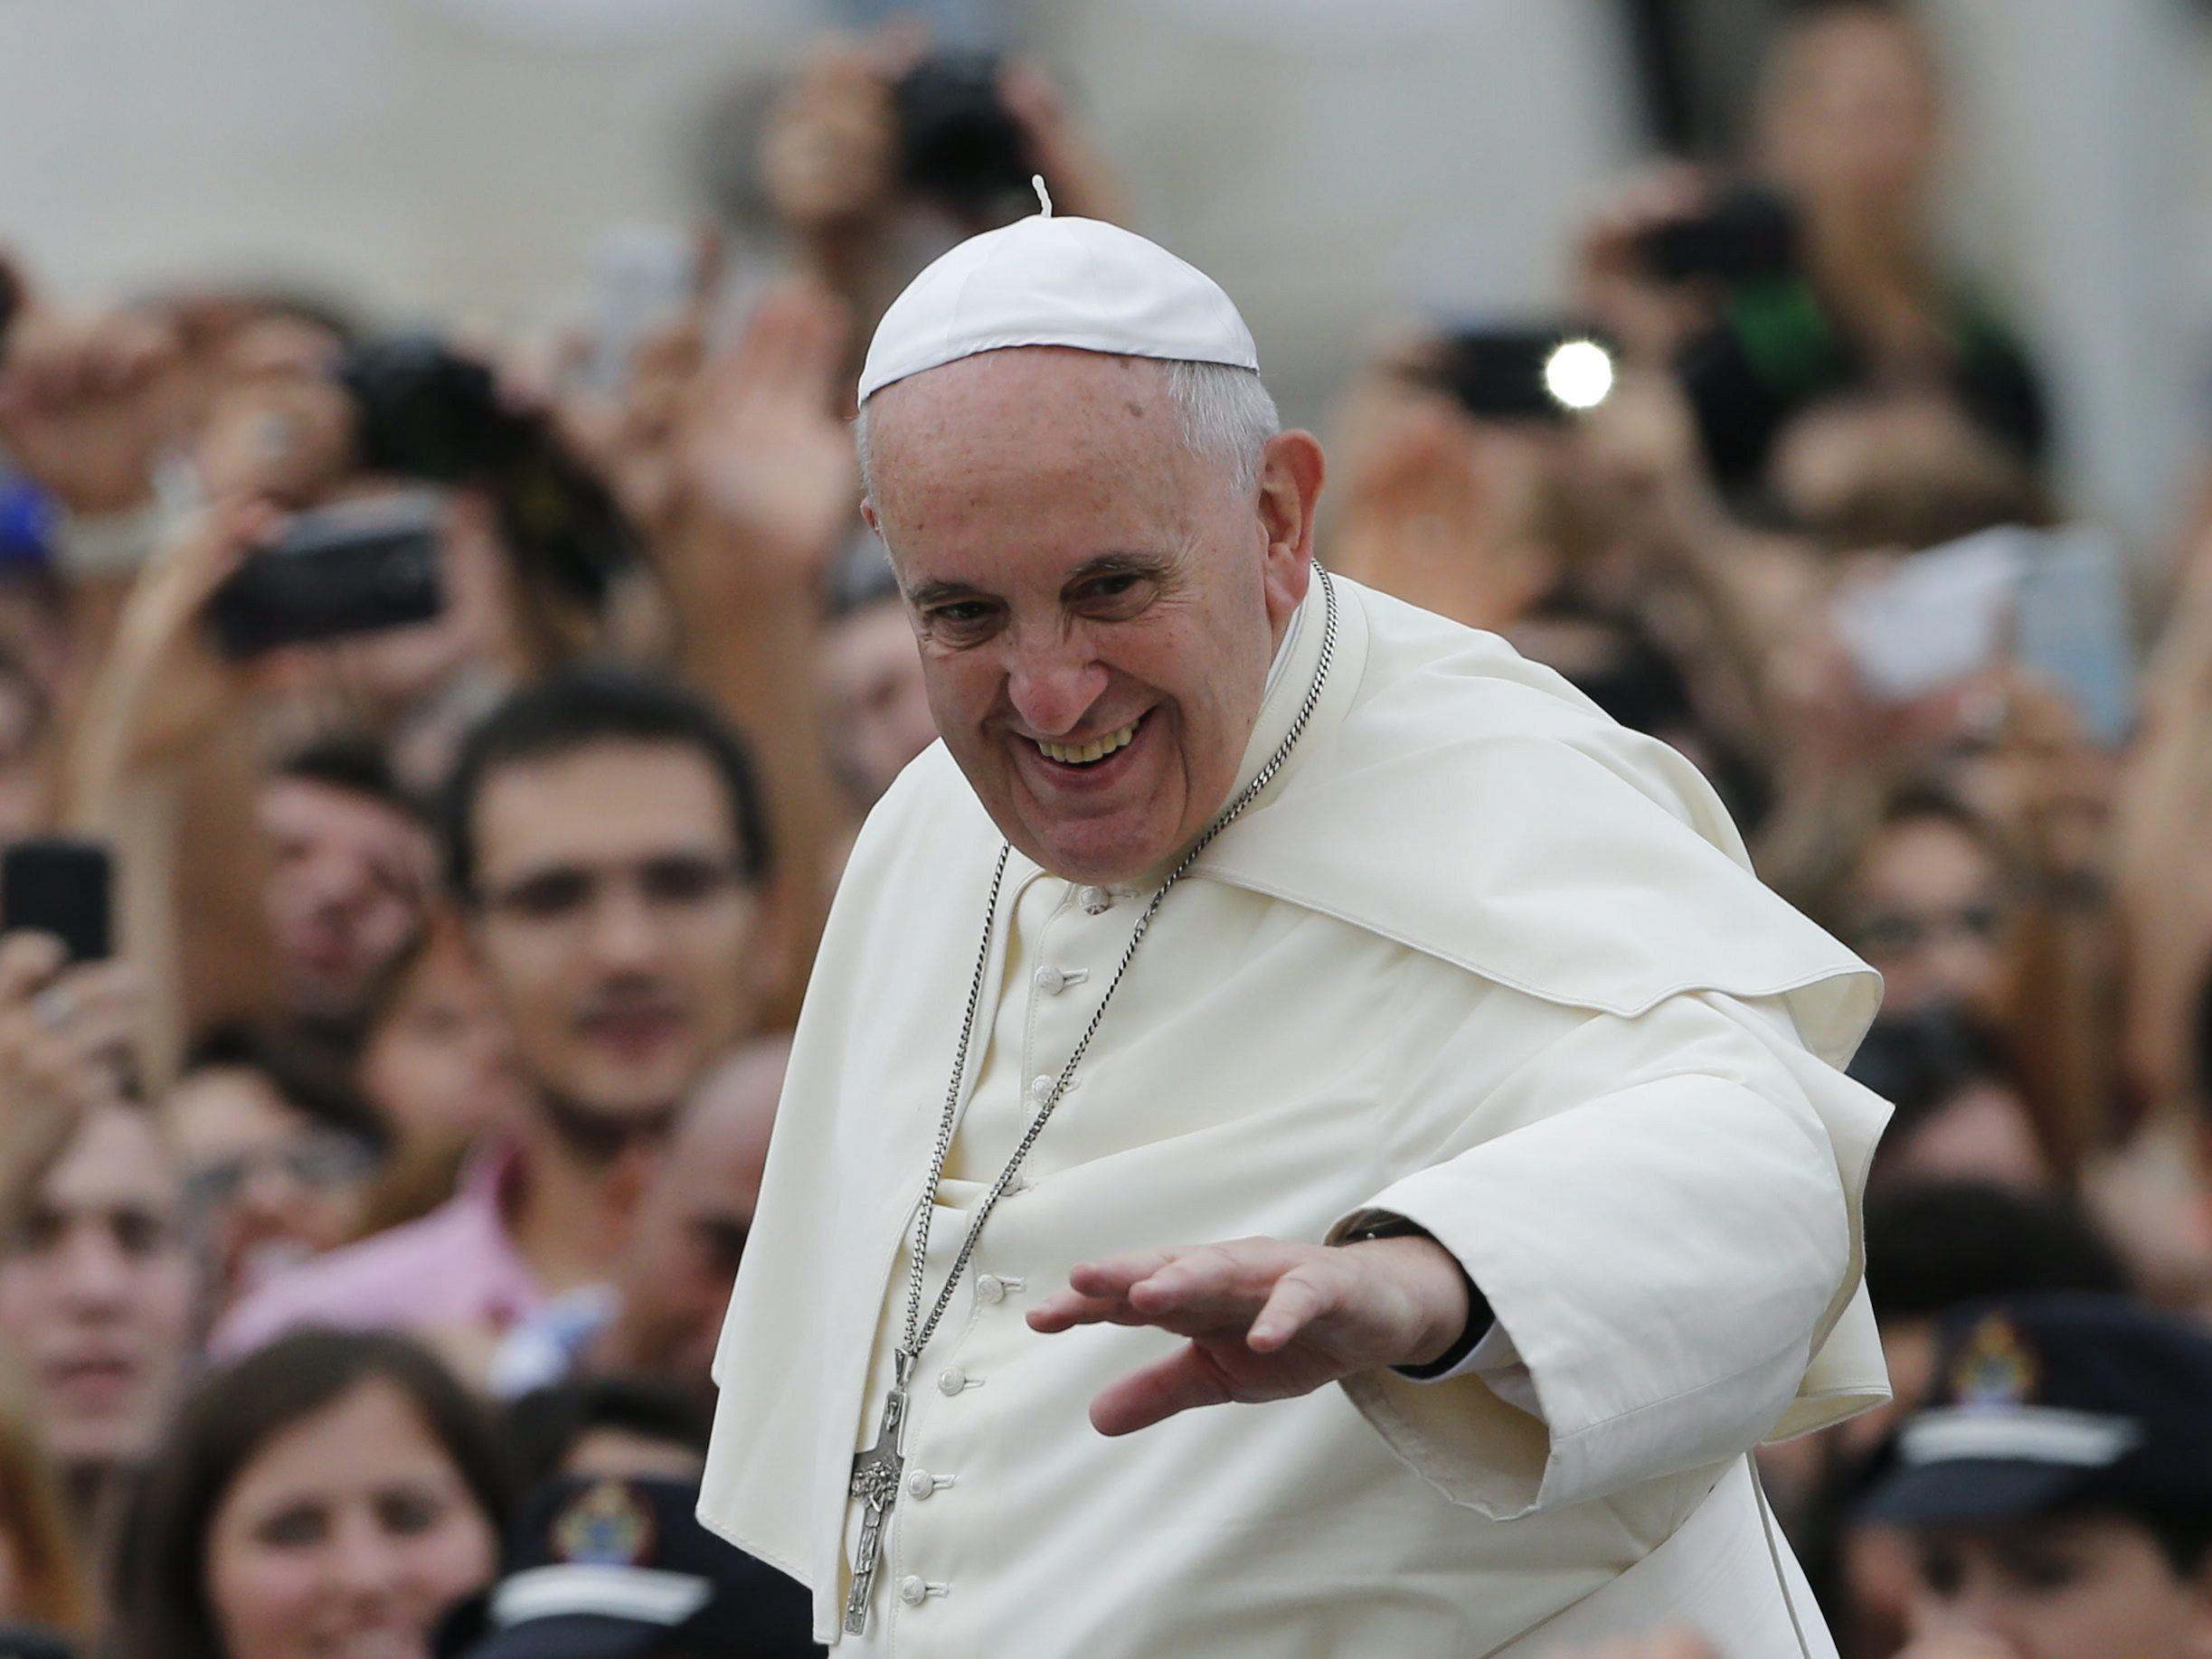 Offenbar auch Papst und argentinische Präsidentin im Visier der Extremisten.